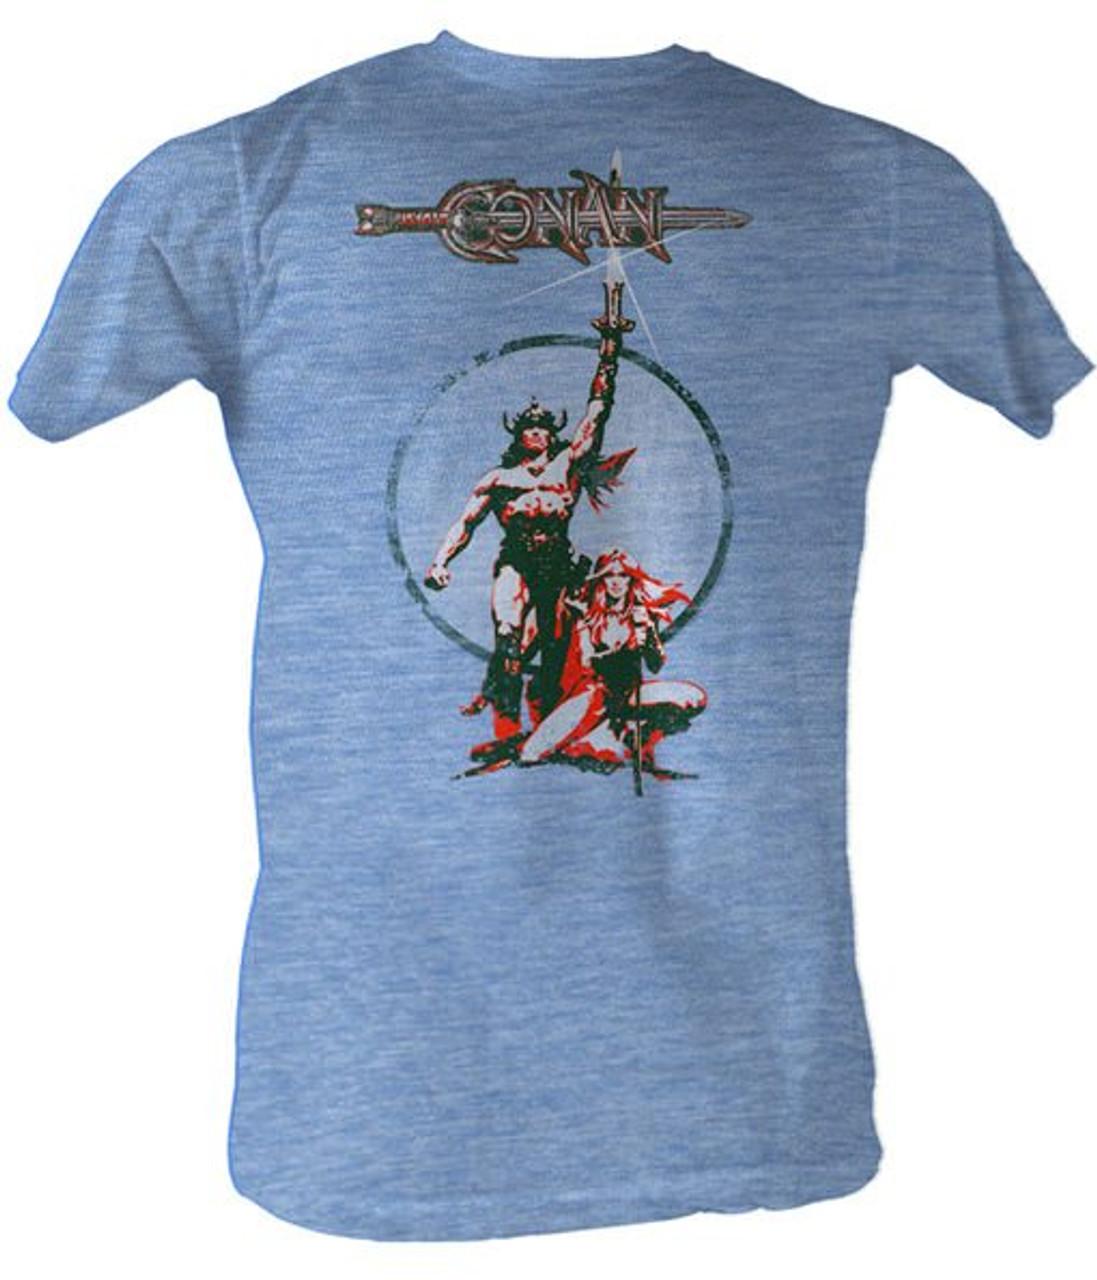 d27ca3efd24 Conan the Barbarian T-Shirt